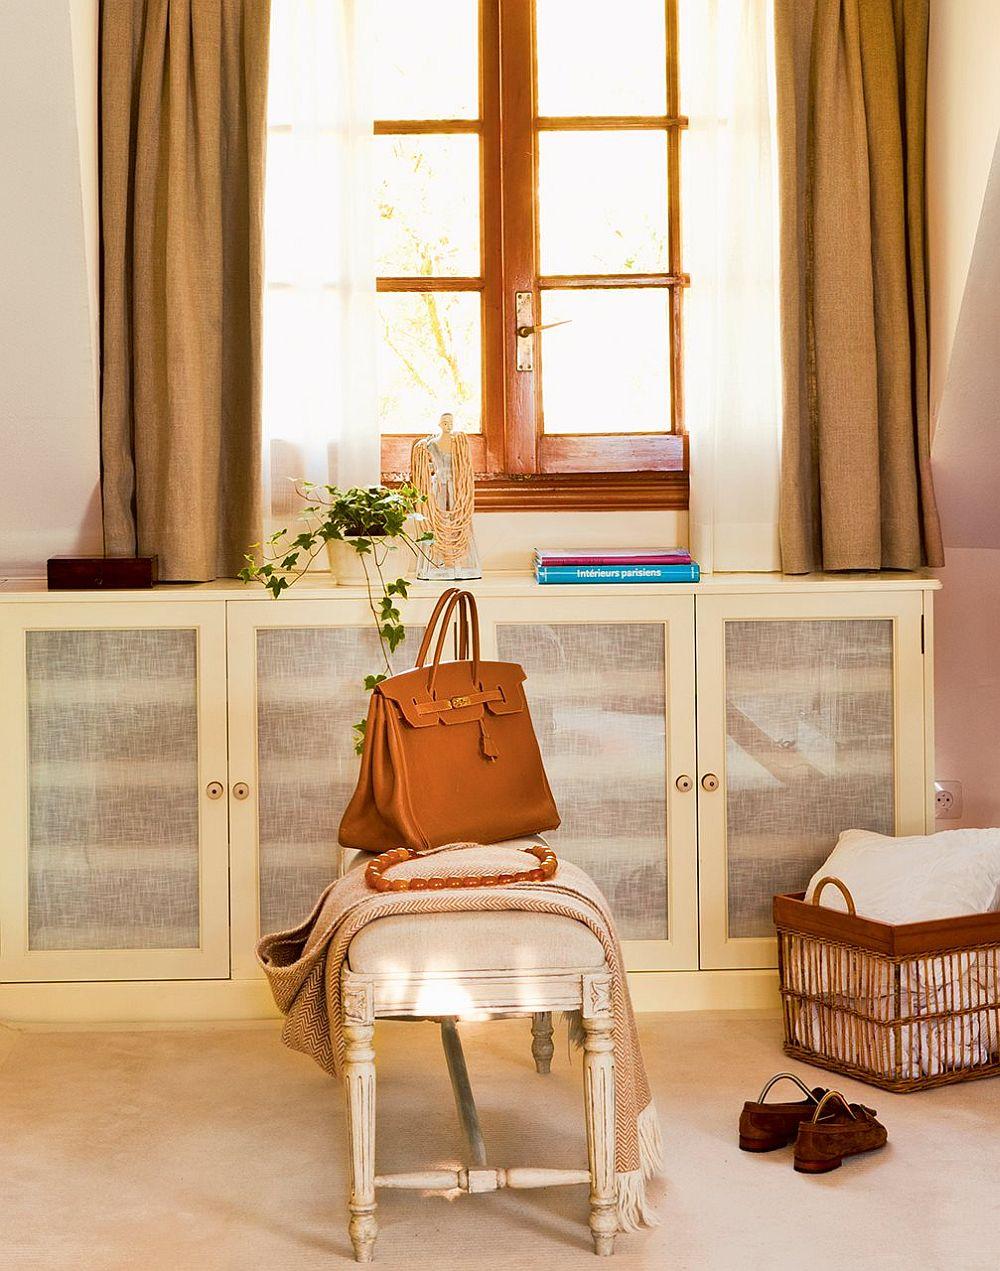 adelaparvu.com despre transformare a casei cu obiecte putine, decorator Pilar de la Vega, Foto ElMueble (5)